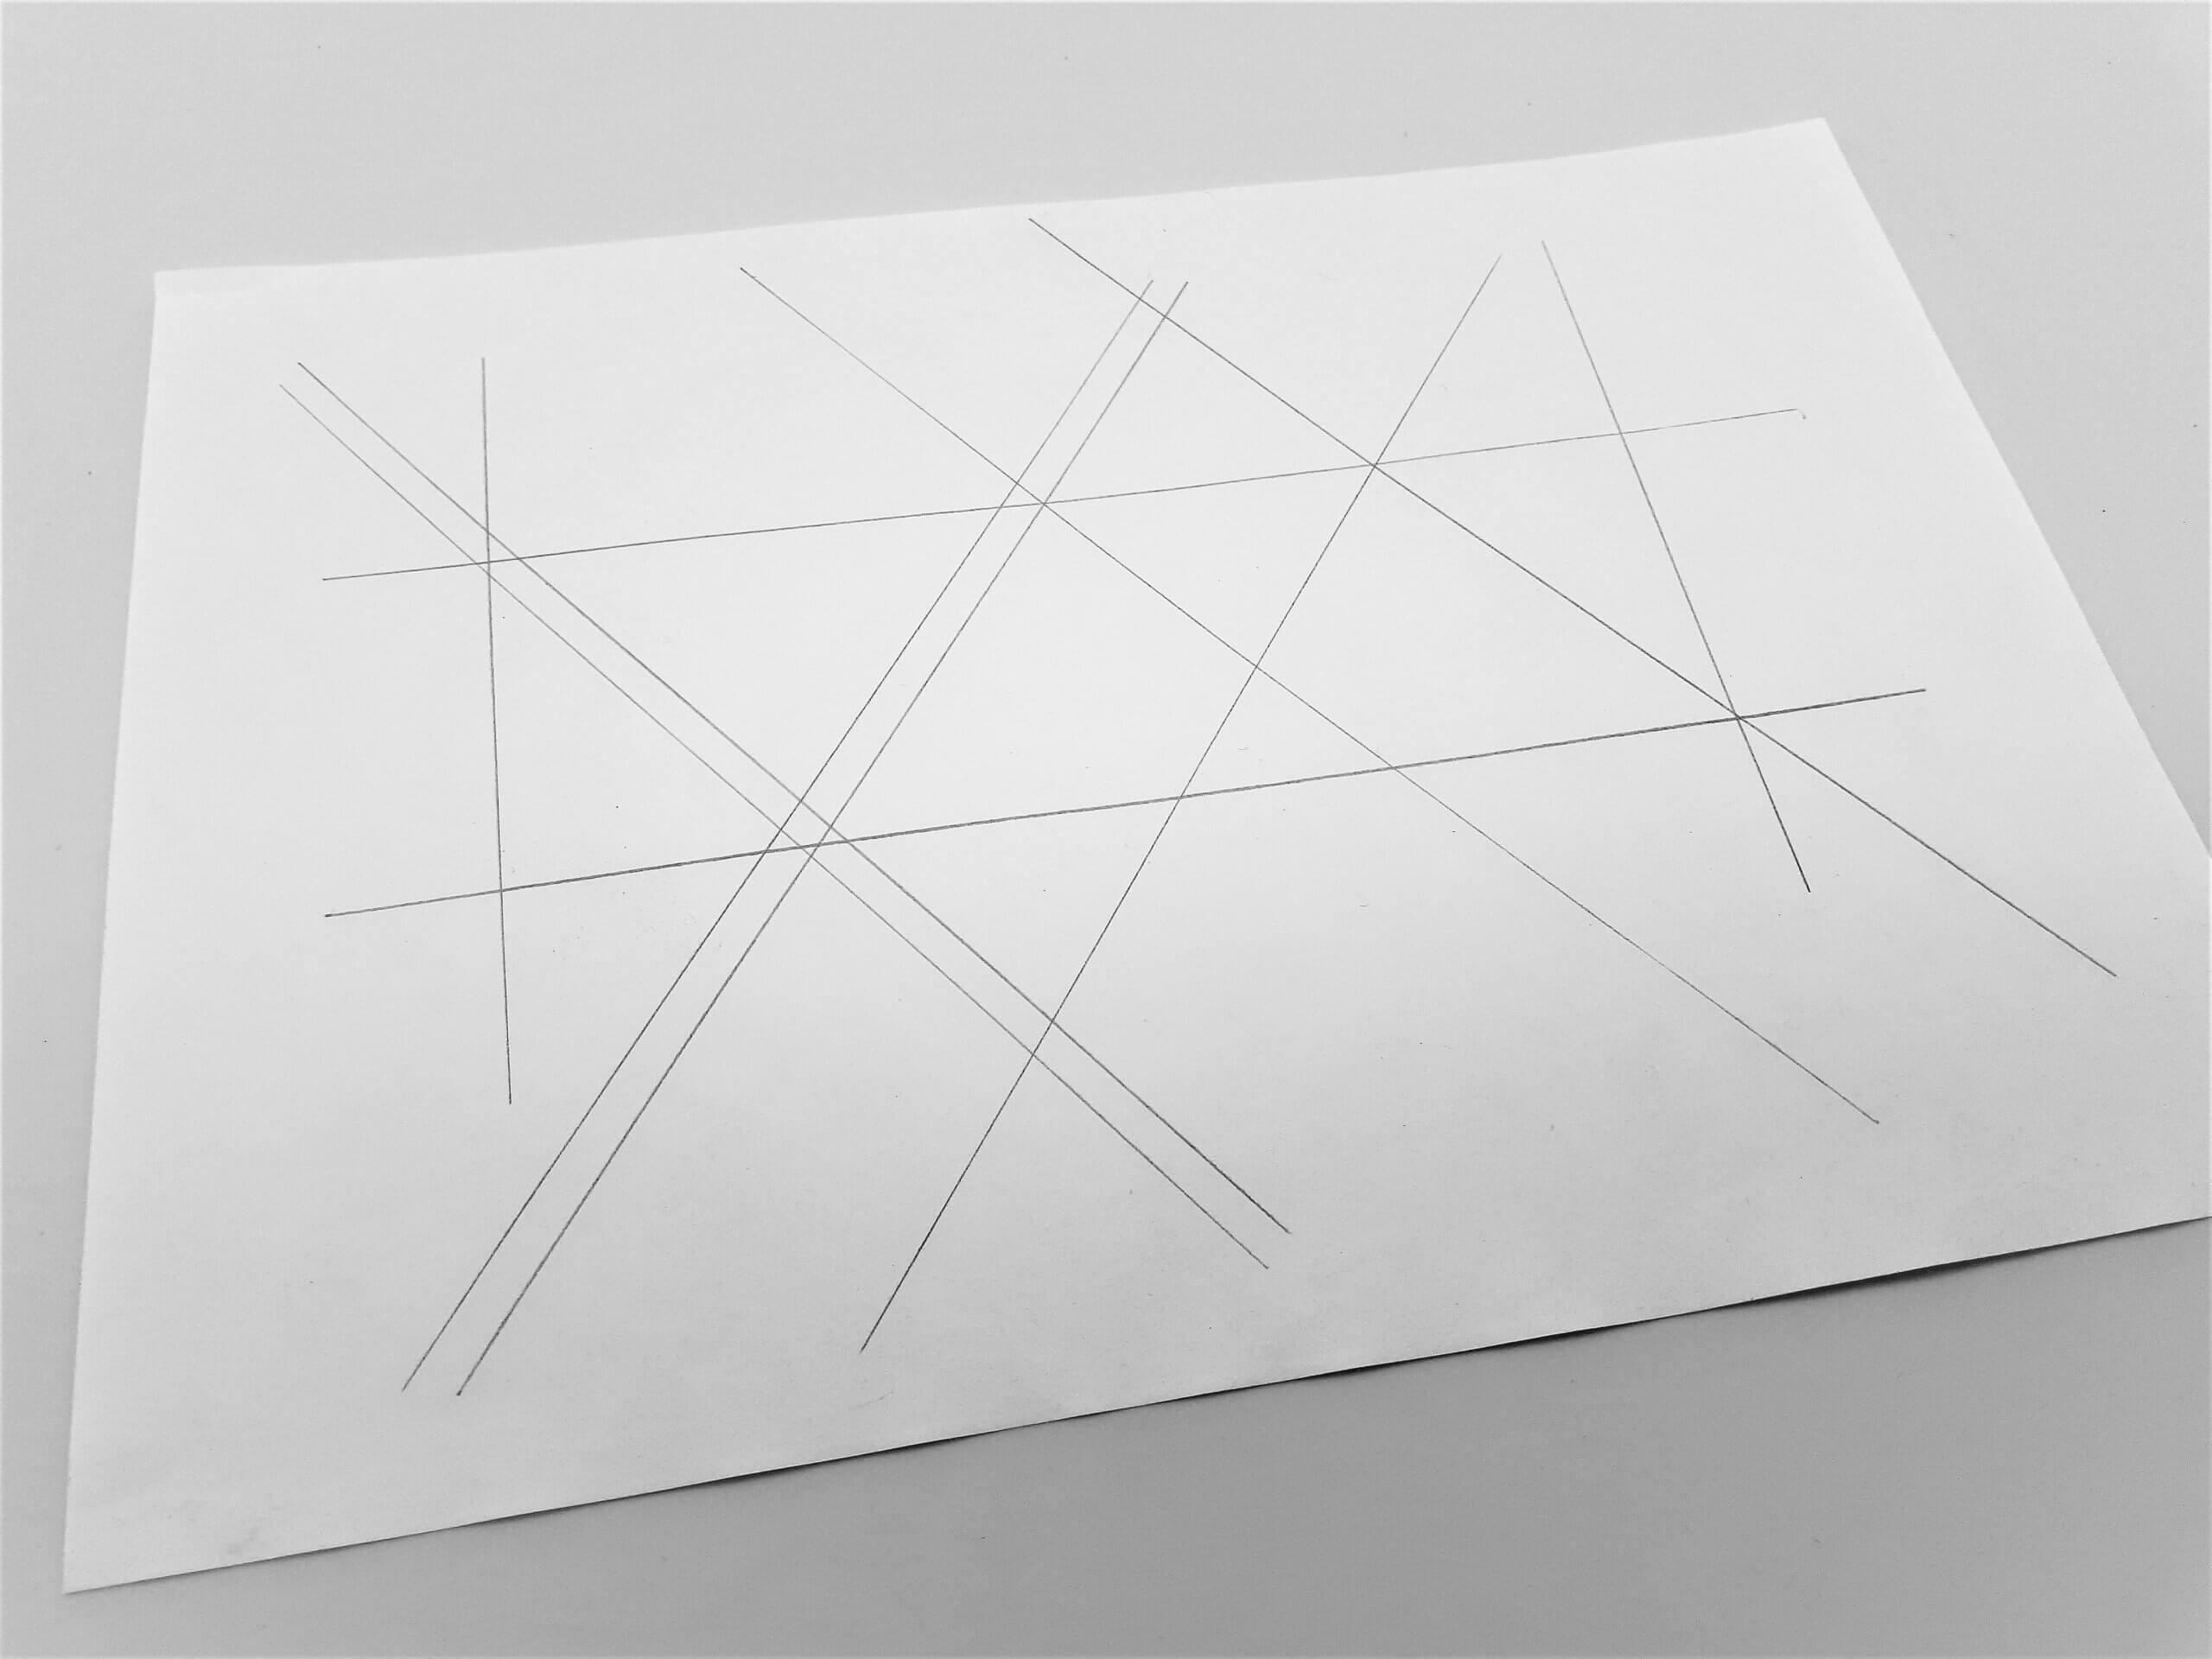 Leave You Myself Sketched Grid